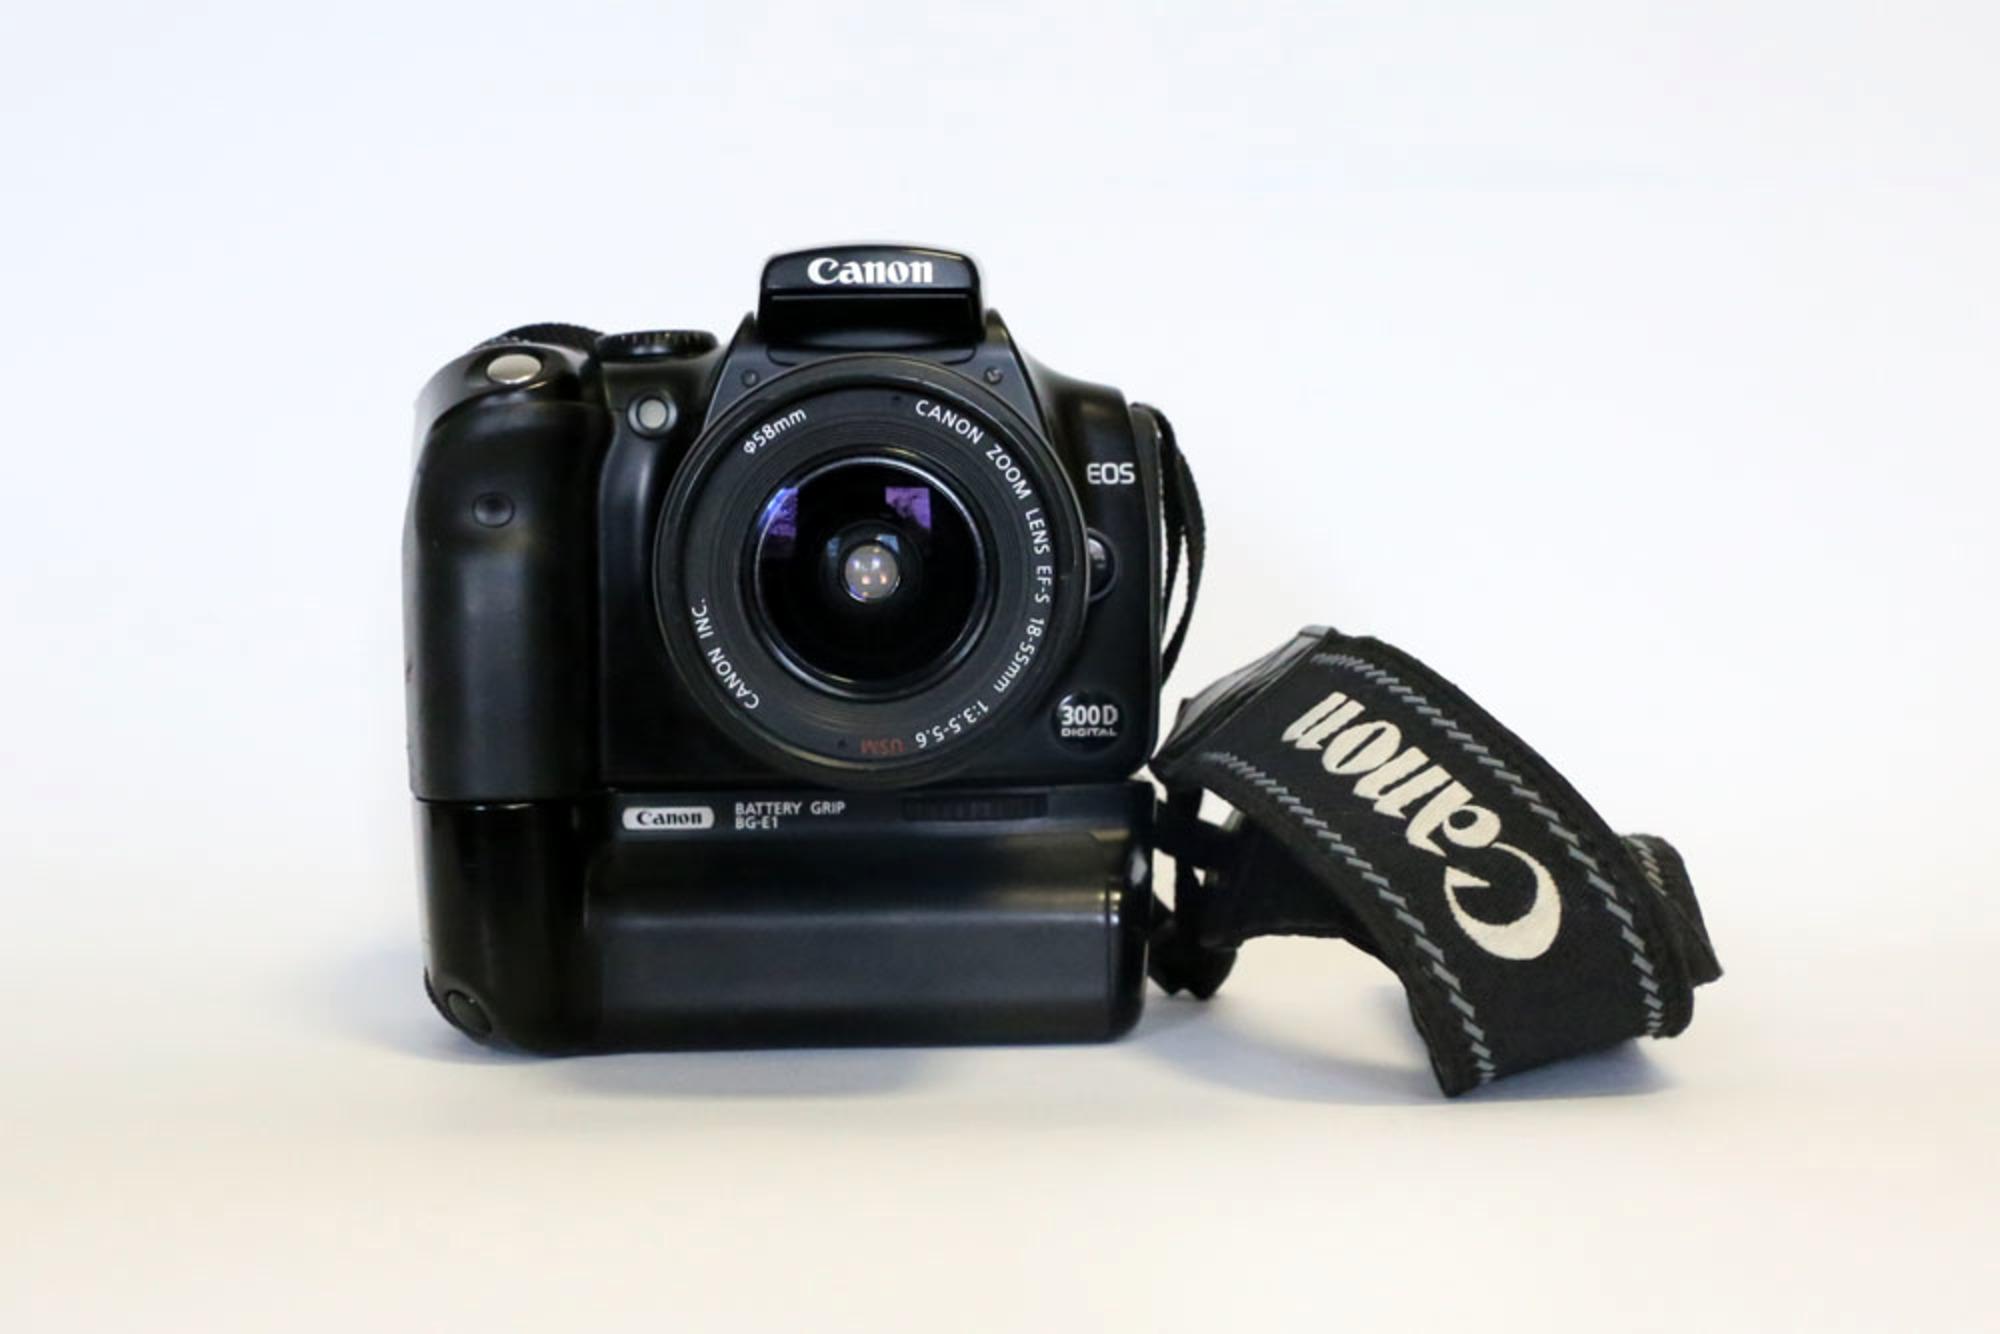 canon eos 300d reflex numerique vendu avec son optique canon ef s 18 55 mm autres multim dias. Black Bedroom Furniture Sets. Home Design Ideas